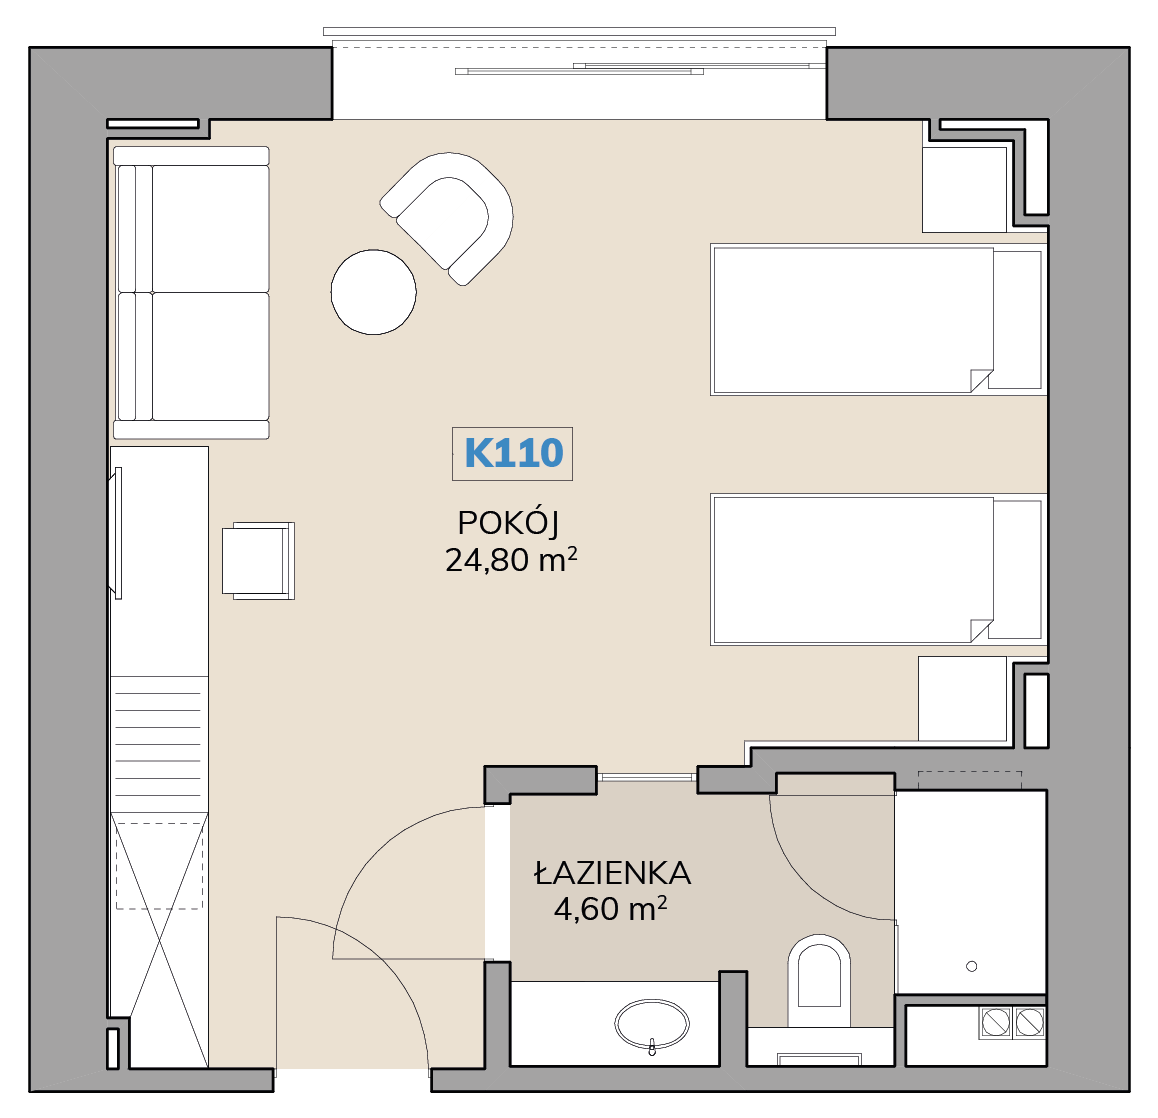 Apartament K110